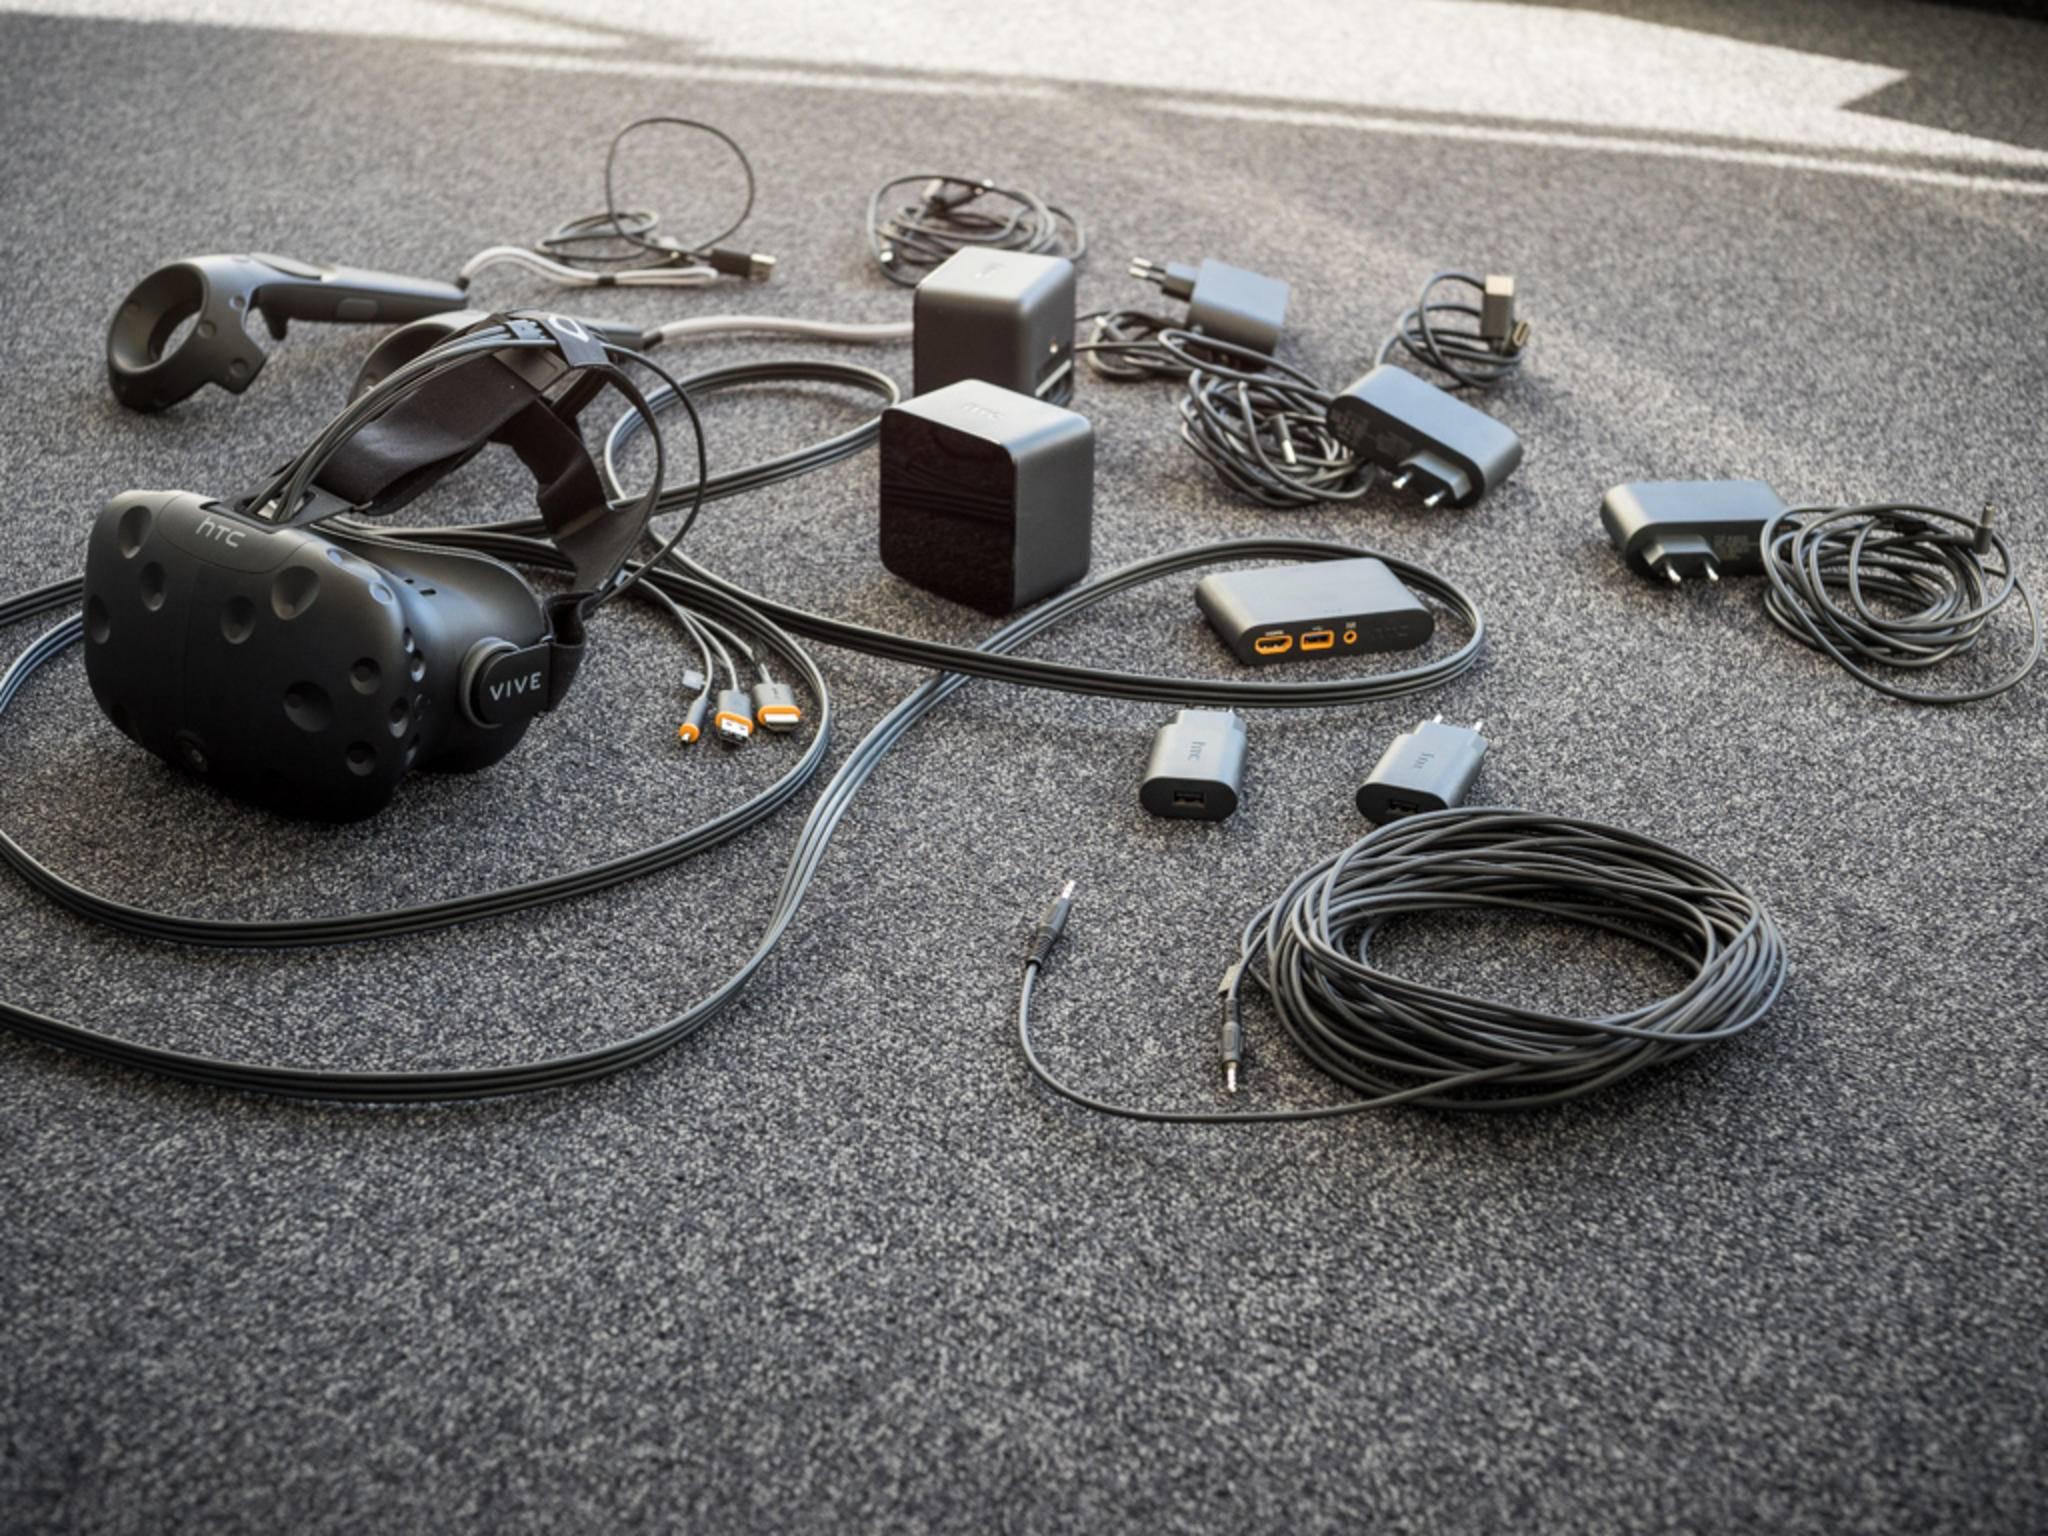 Kabelsalat: Wir verraten Dir, wie die HTC Vive eingerichtet wird.